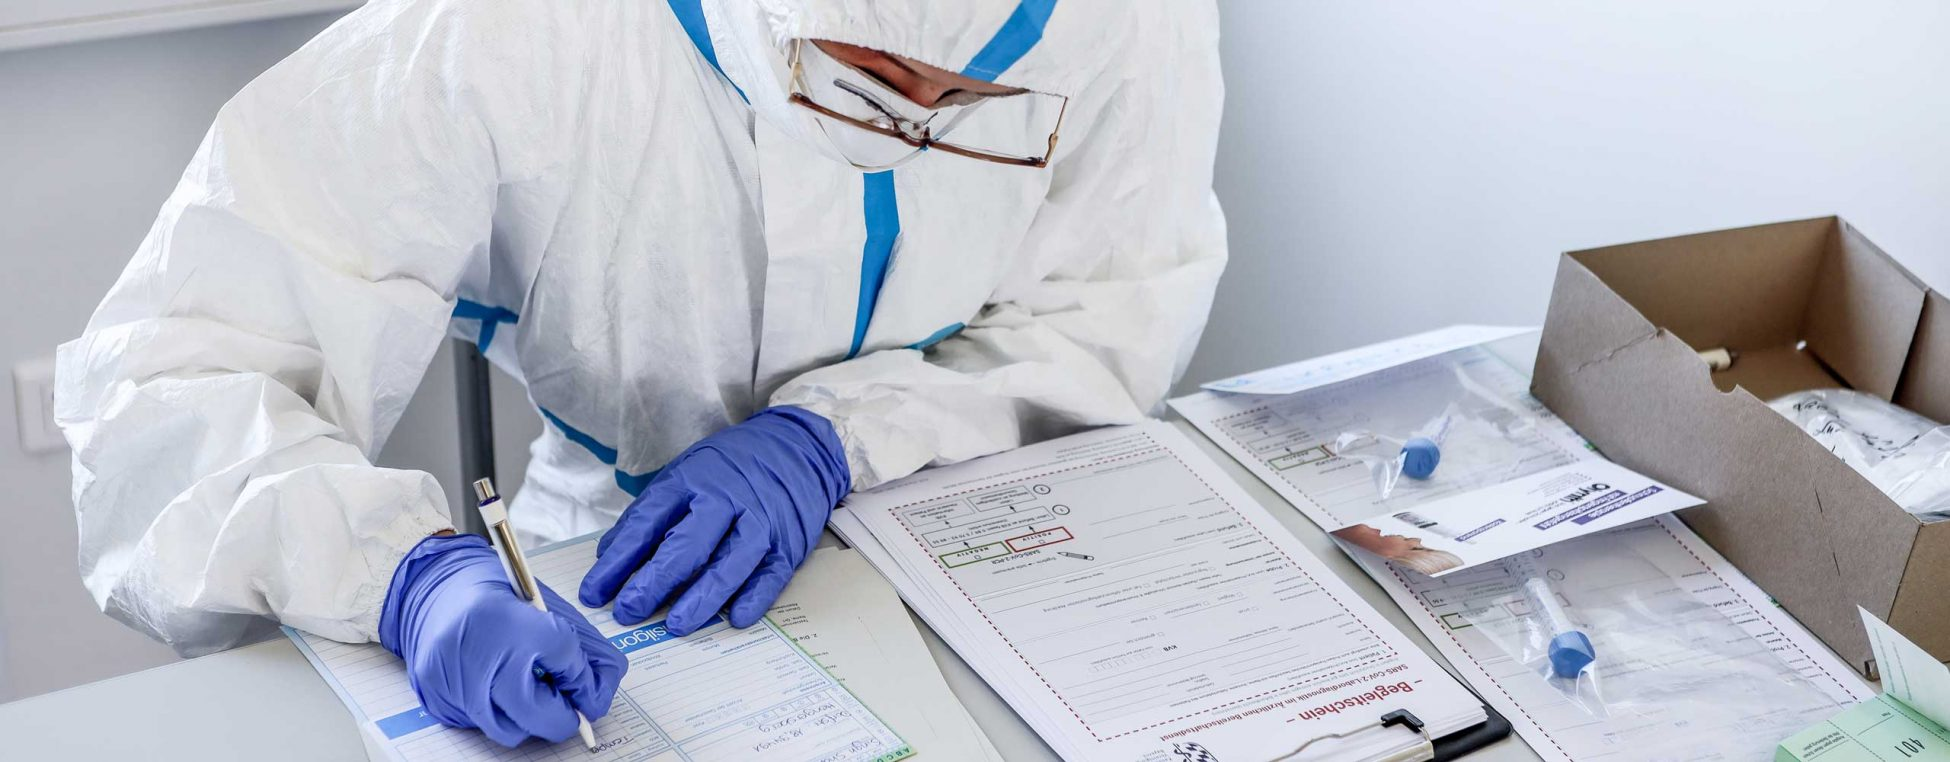 Begleitdokumentation zur Probennahme zur Testung auf Sars-Cov-2